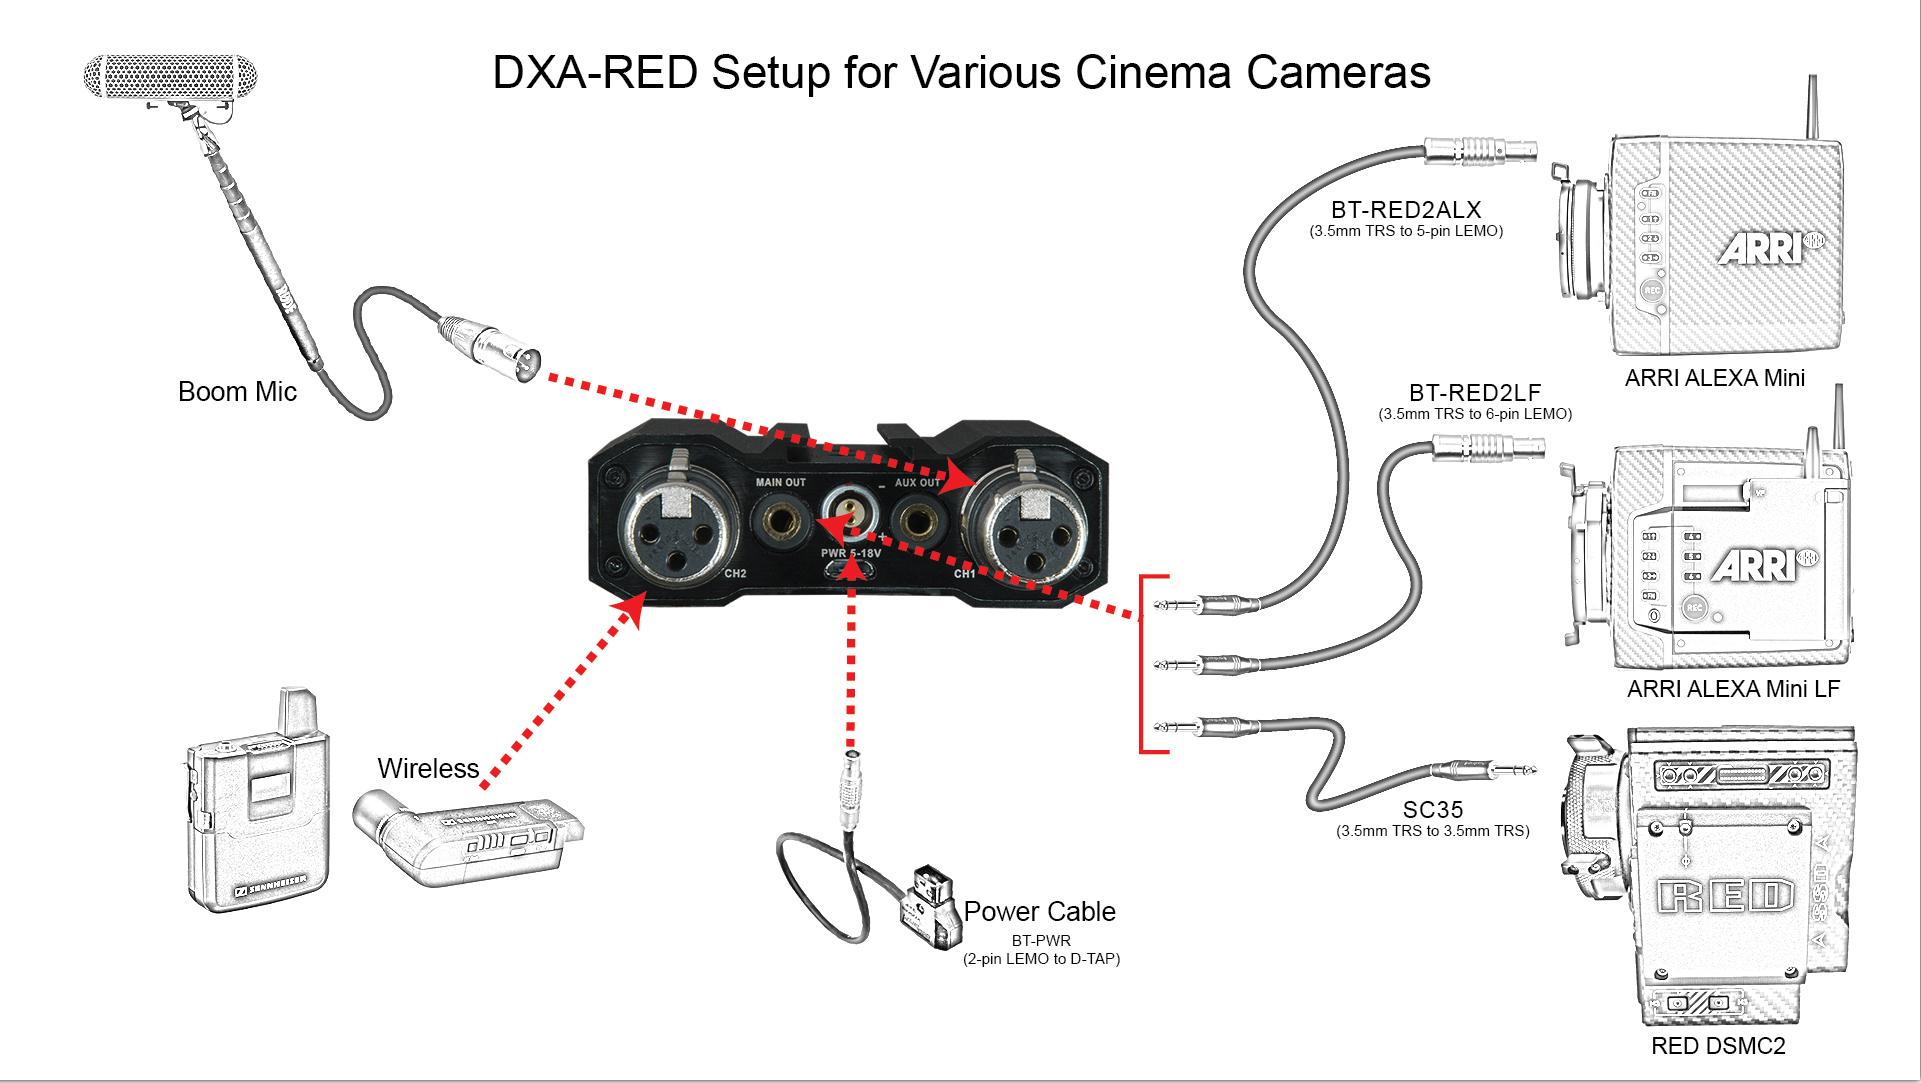 02 Dxa Red Schematic